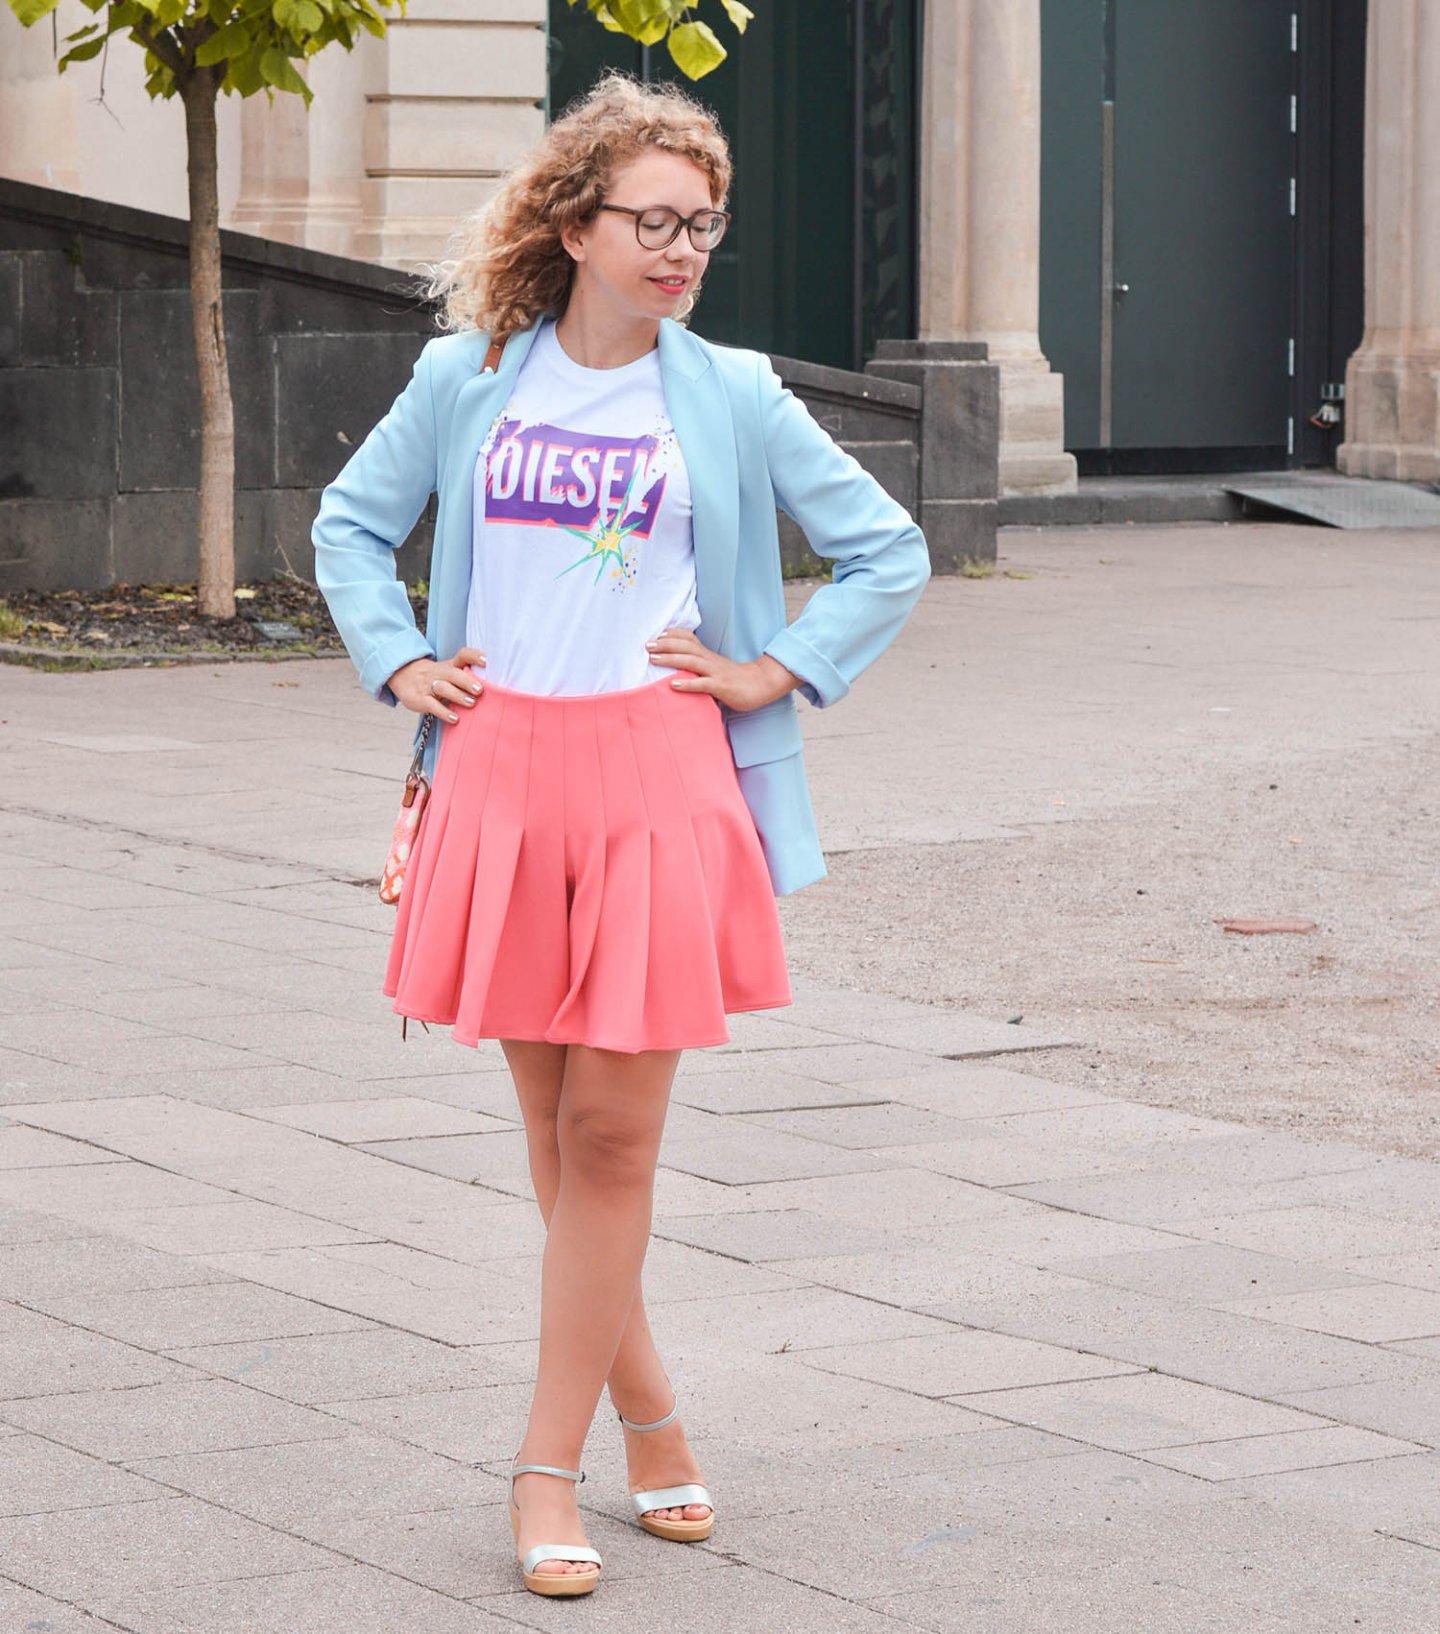 Fashionblog Outfit mit Logo-Shirt und Neon-Rock